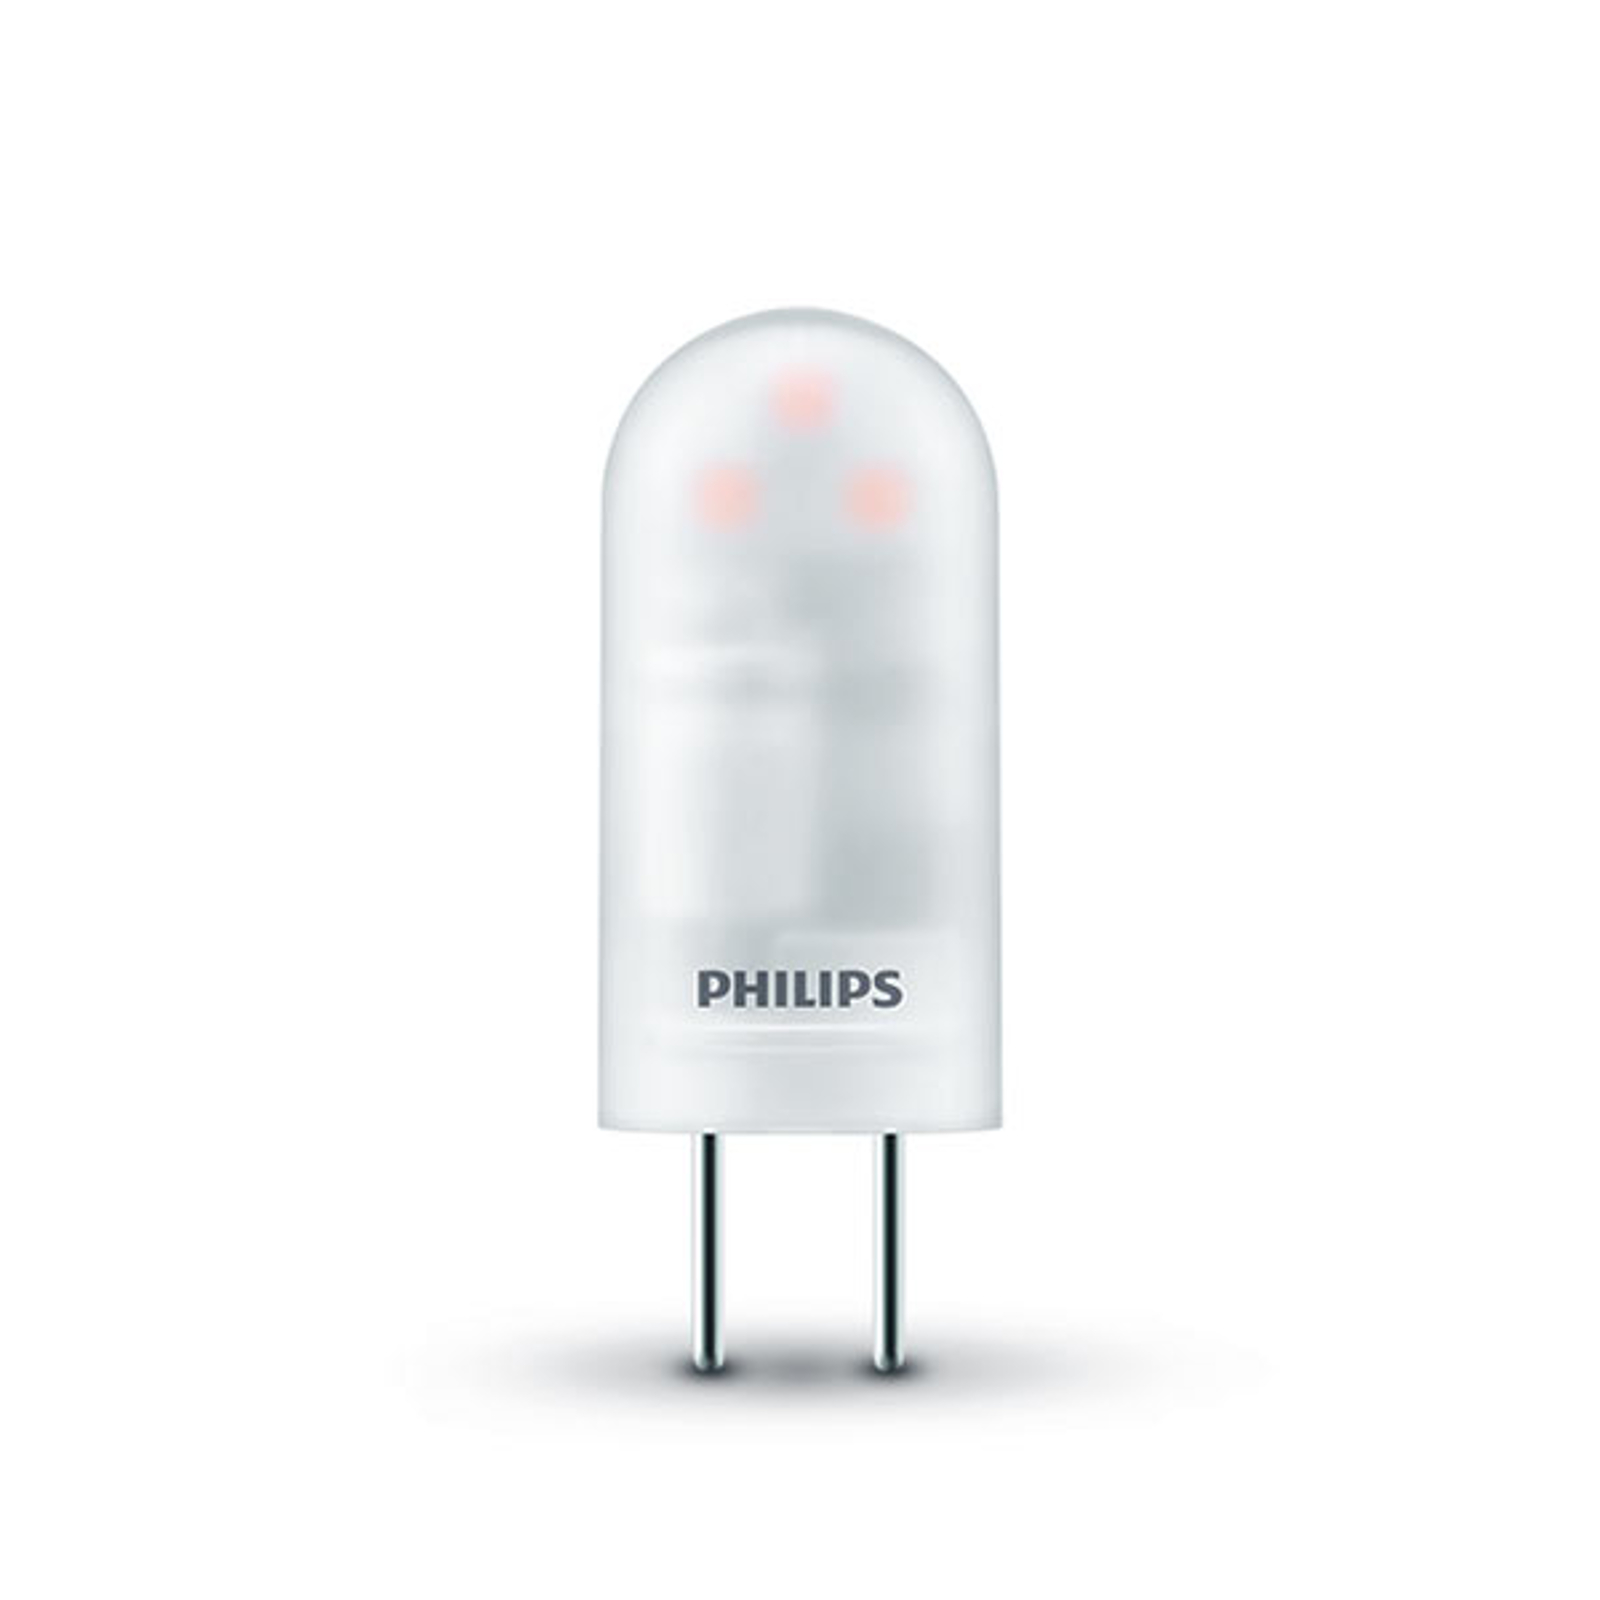 Philips GY6.35 żarówka sztyft LED 1,8W 2700K